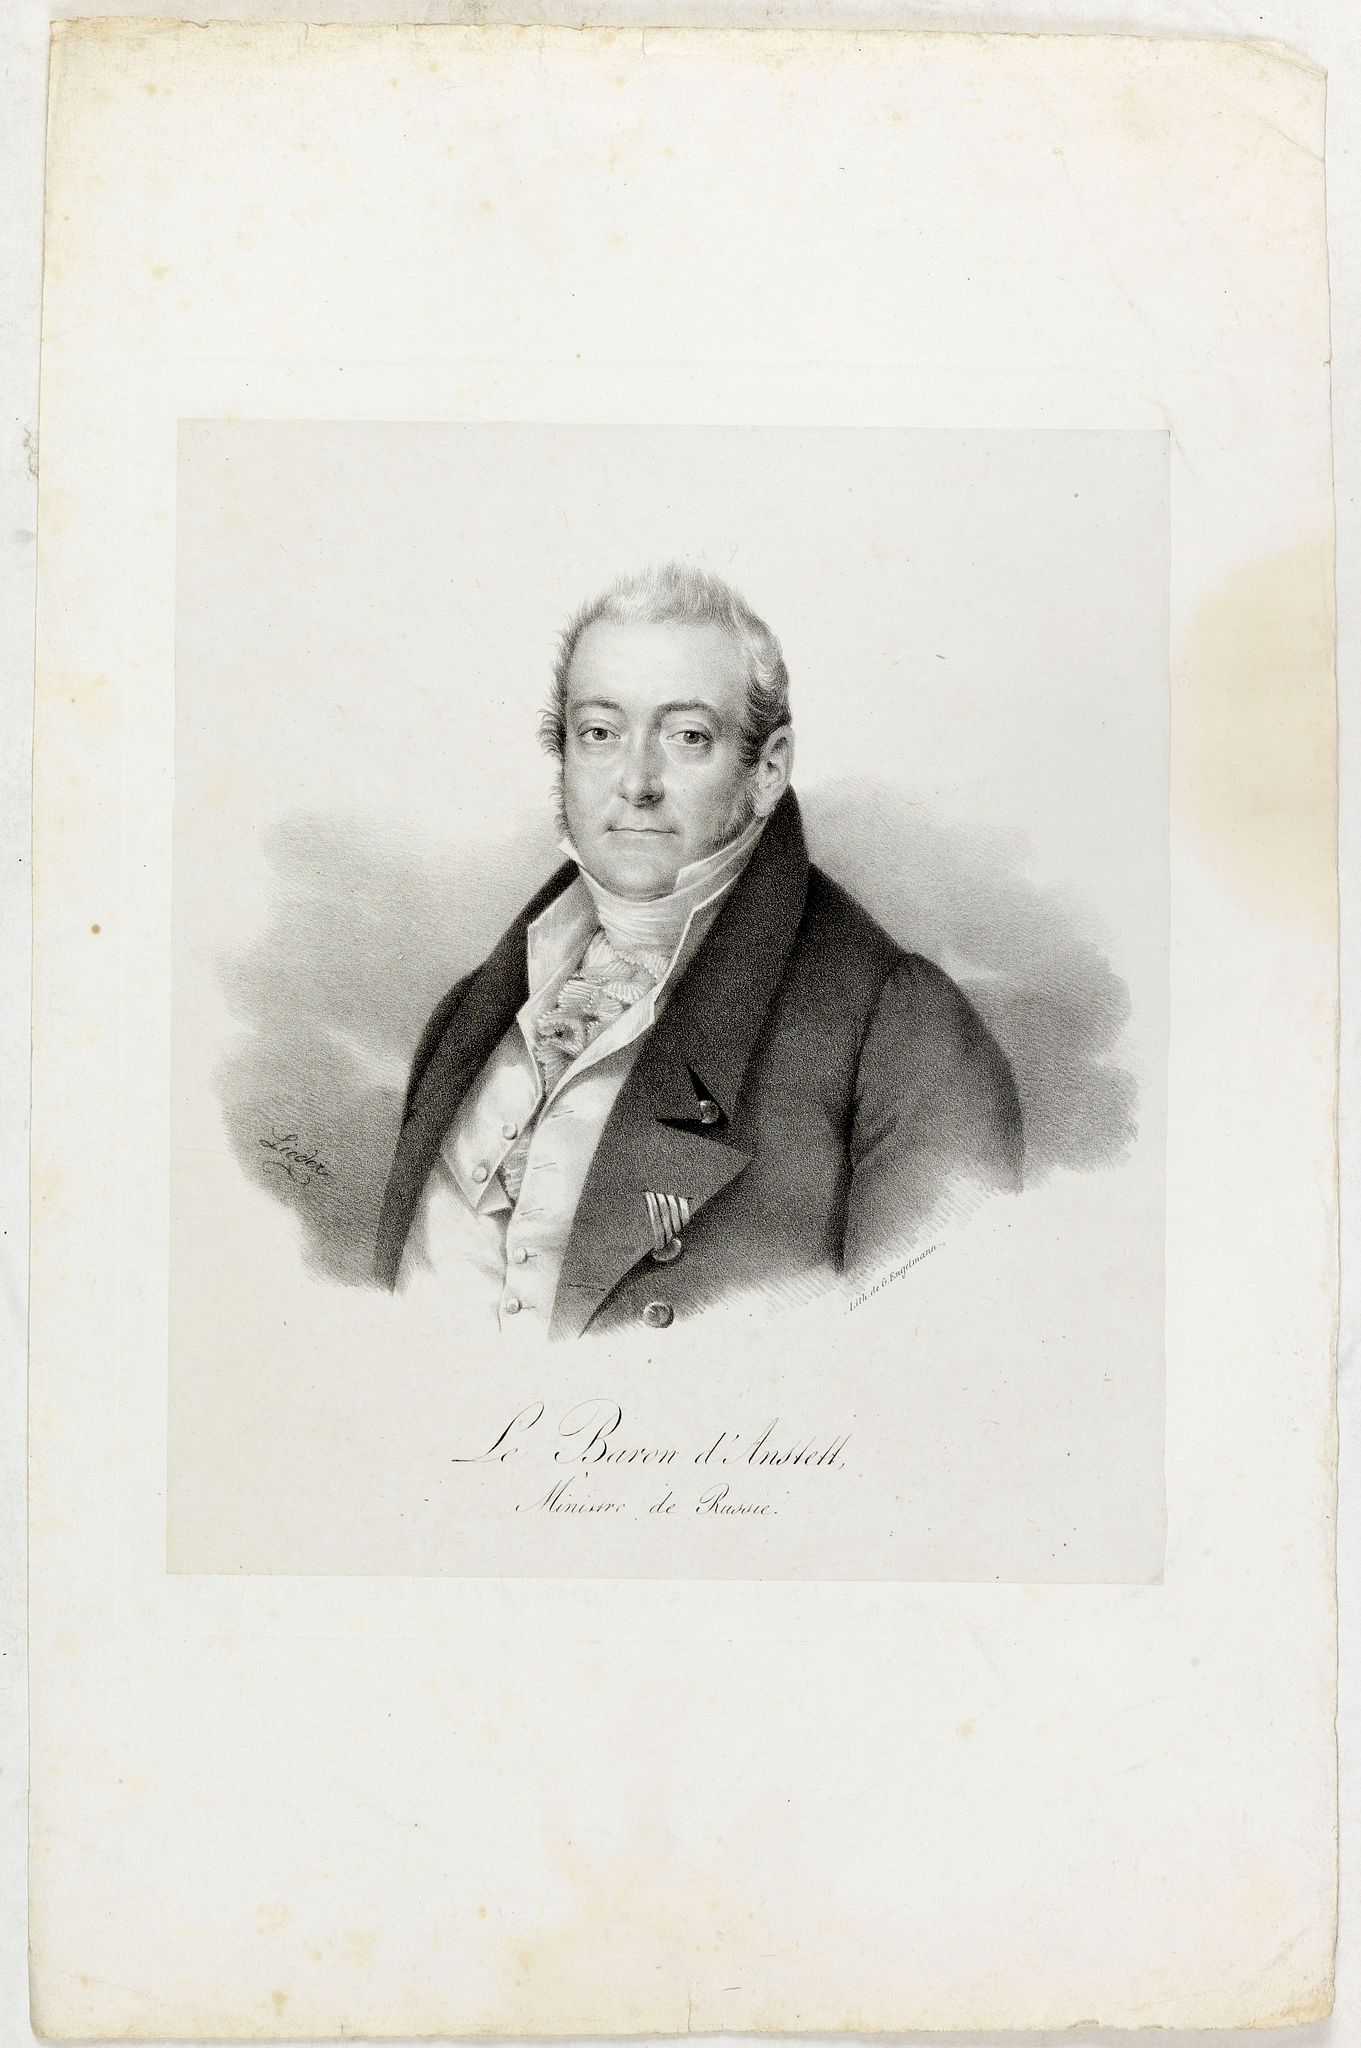 ENGELMANN, G. -  Le Baron d'Amstett. Ministre de Russie.